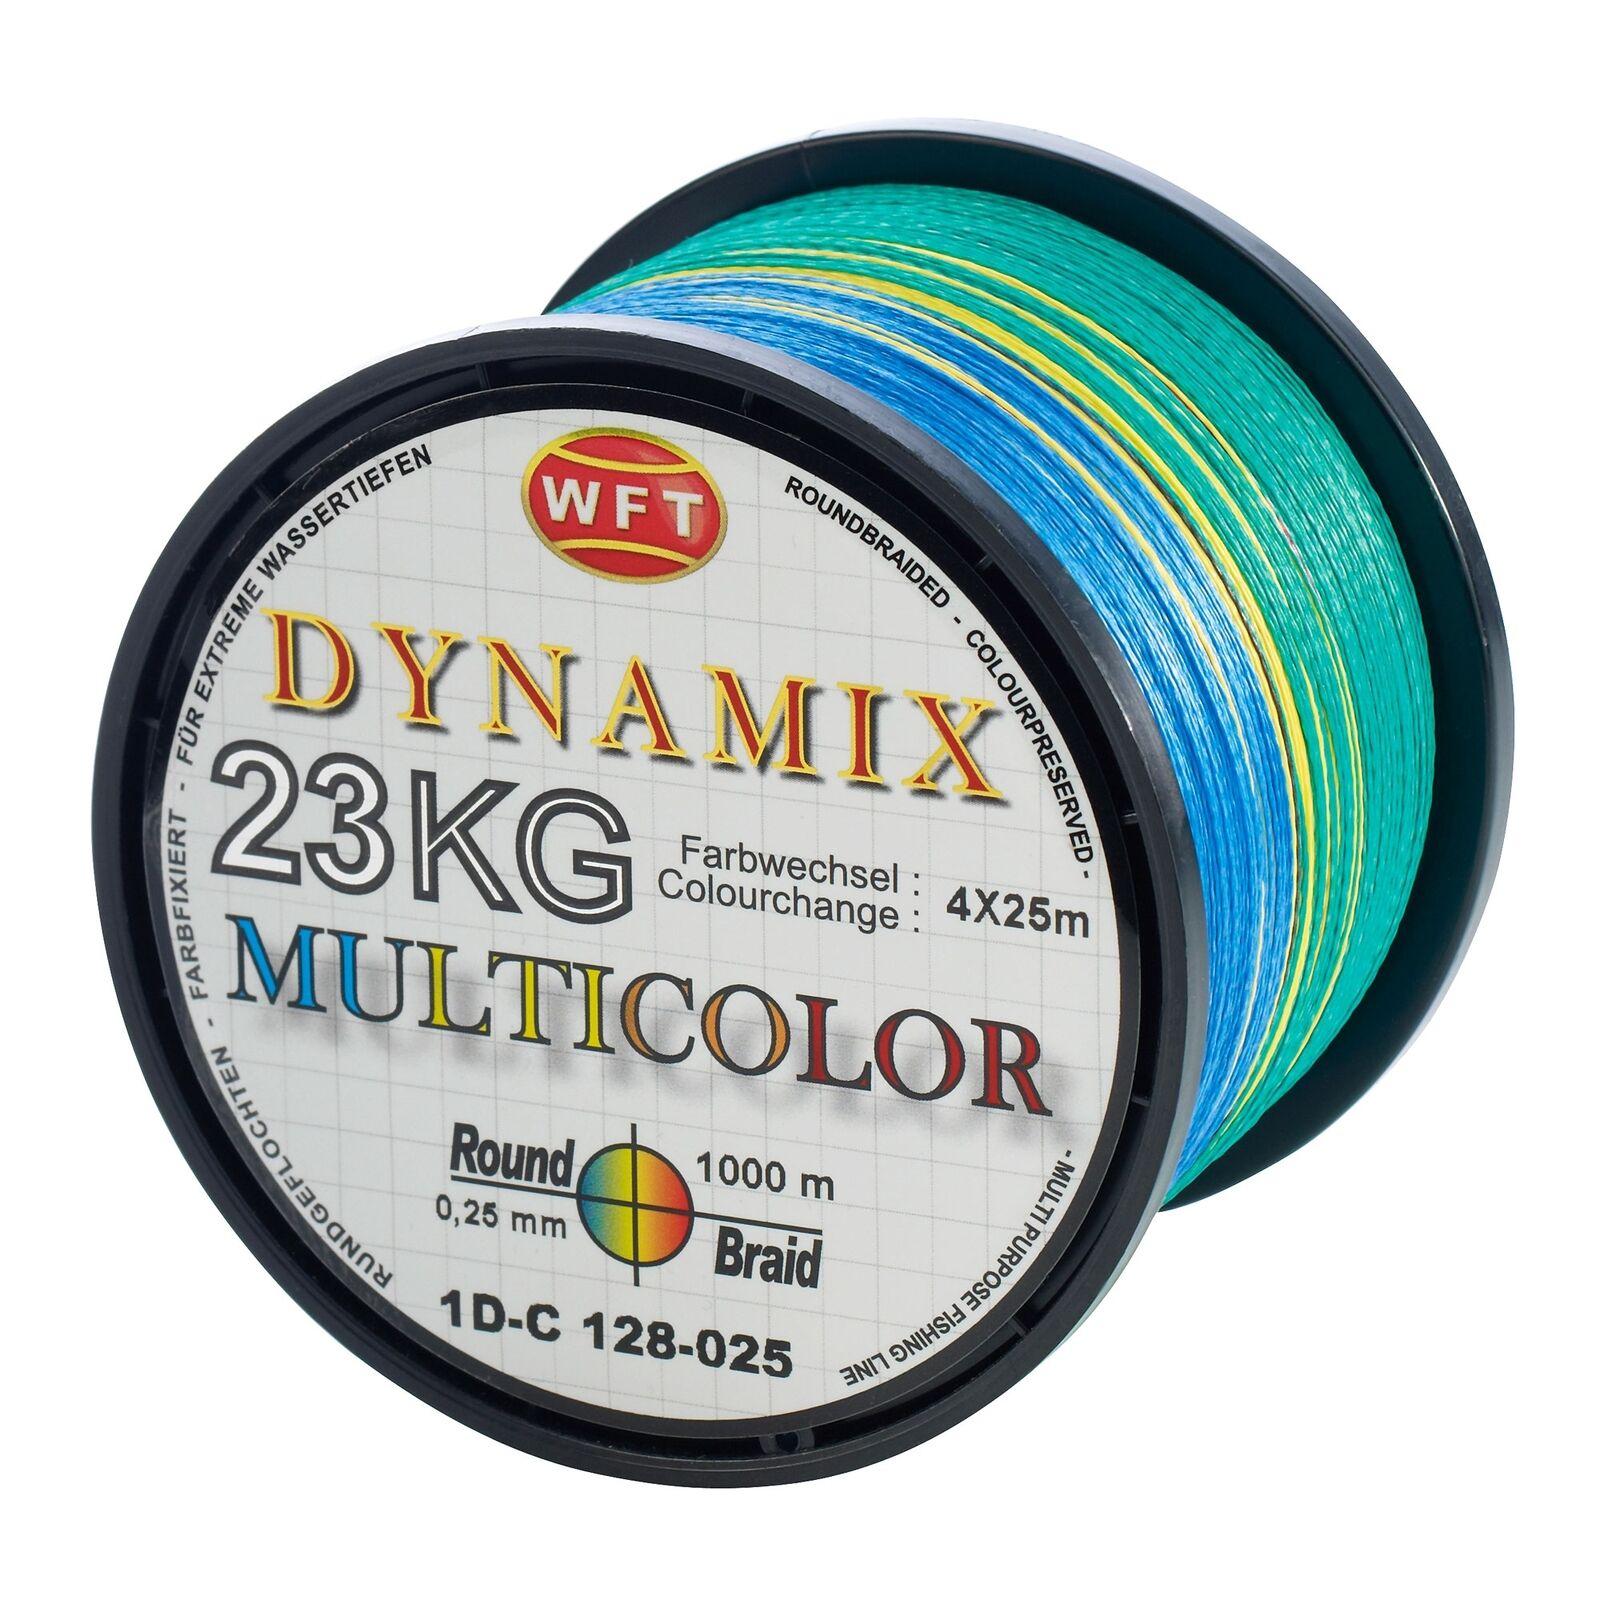 (  m) WFT WFT WFT Round Dynamix MultiFarbe rund geflochtene Angelschnur 1000m Geflec e88f91